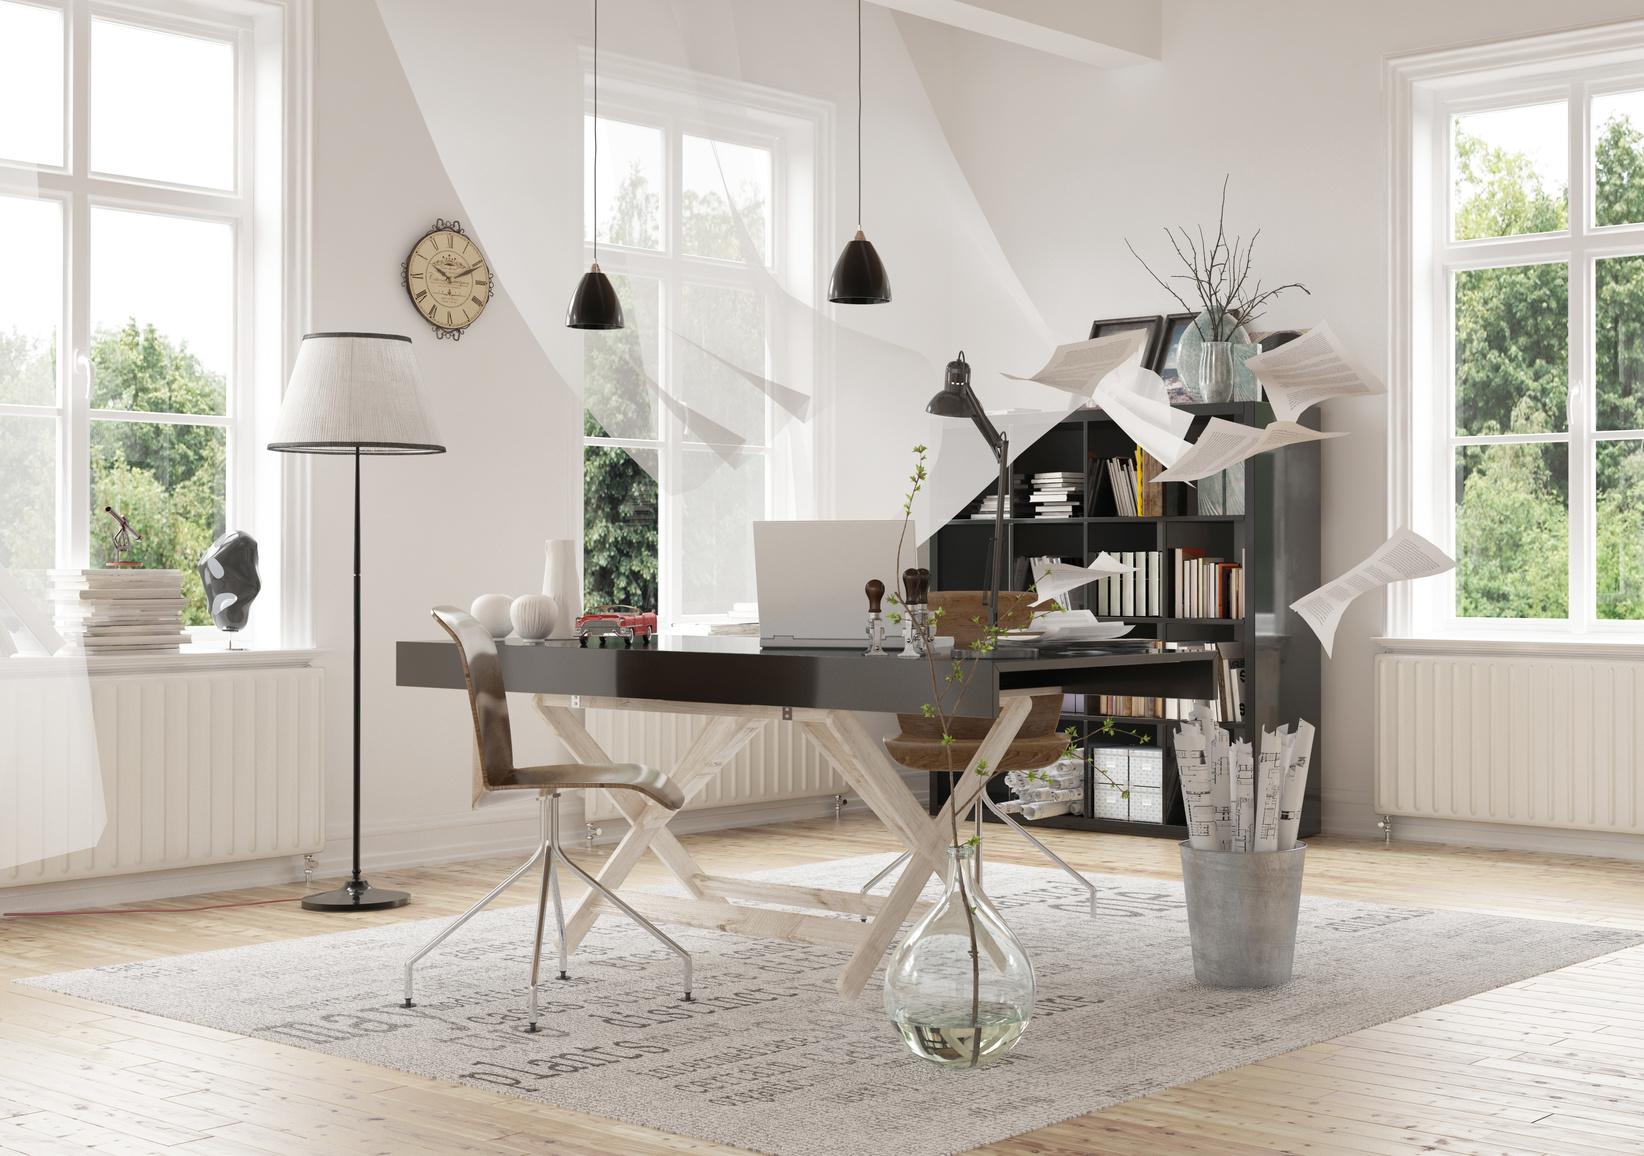 Lampy wstylu skandynawskim.Inspiracje